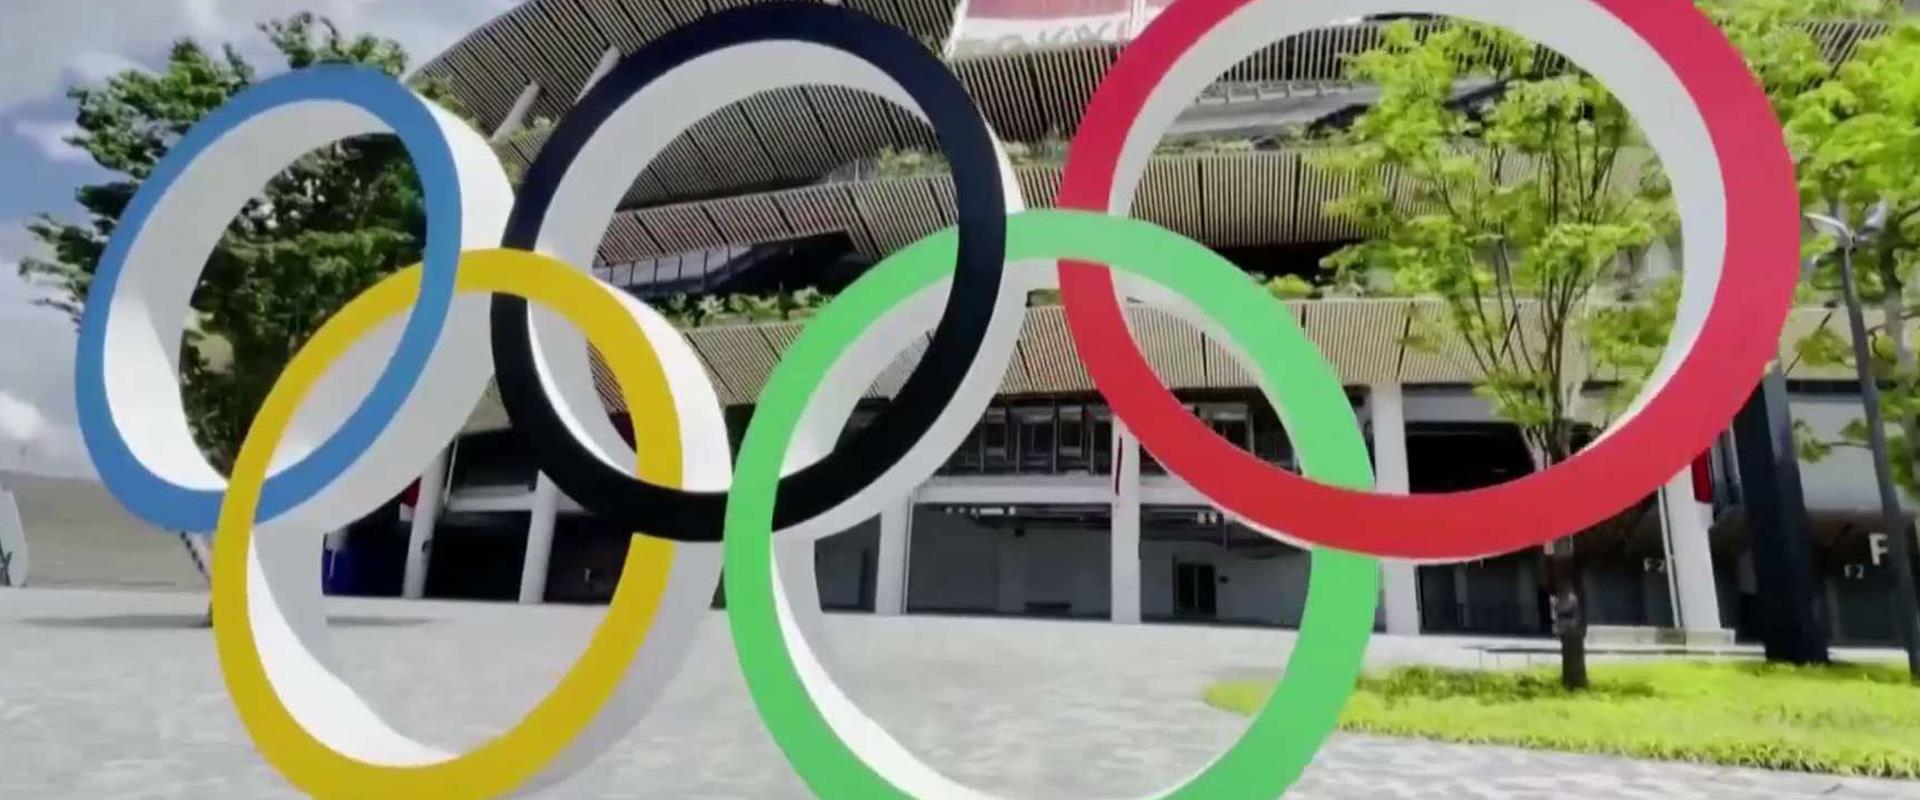 מה מצפה לספורטאים שיתחרו במשחקים האולימפיים?